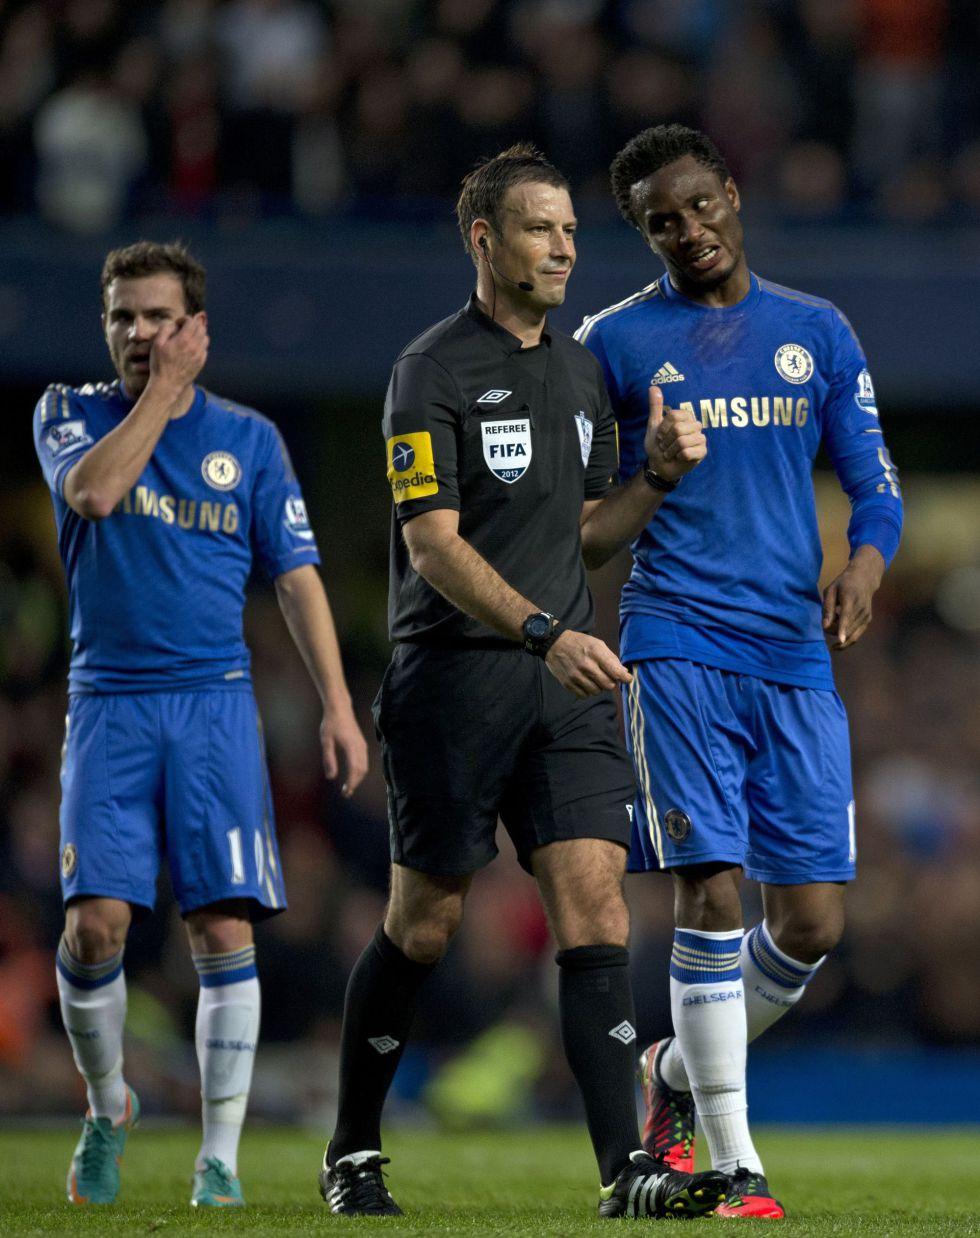 El Chelsea pide perdón al árbitro Clattenburg por la polémica